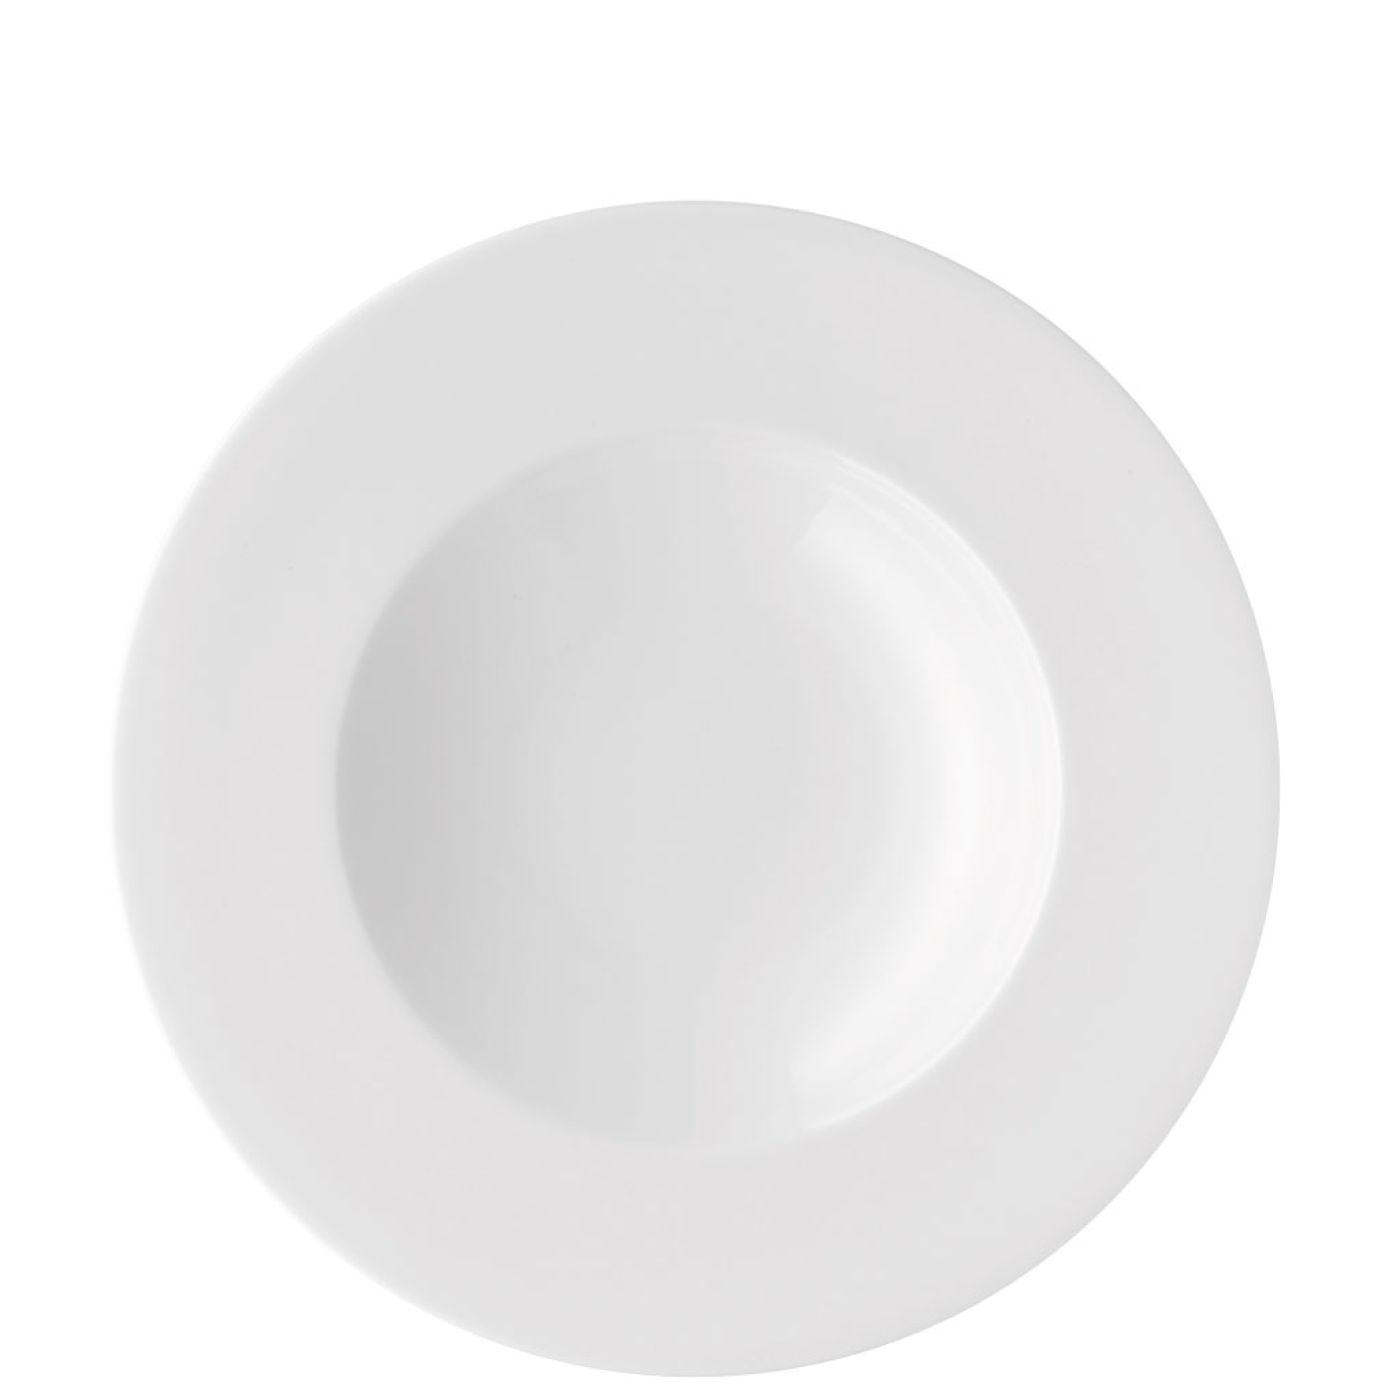 Jade Vit Pastatallrik